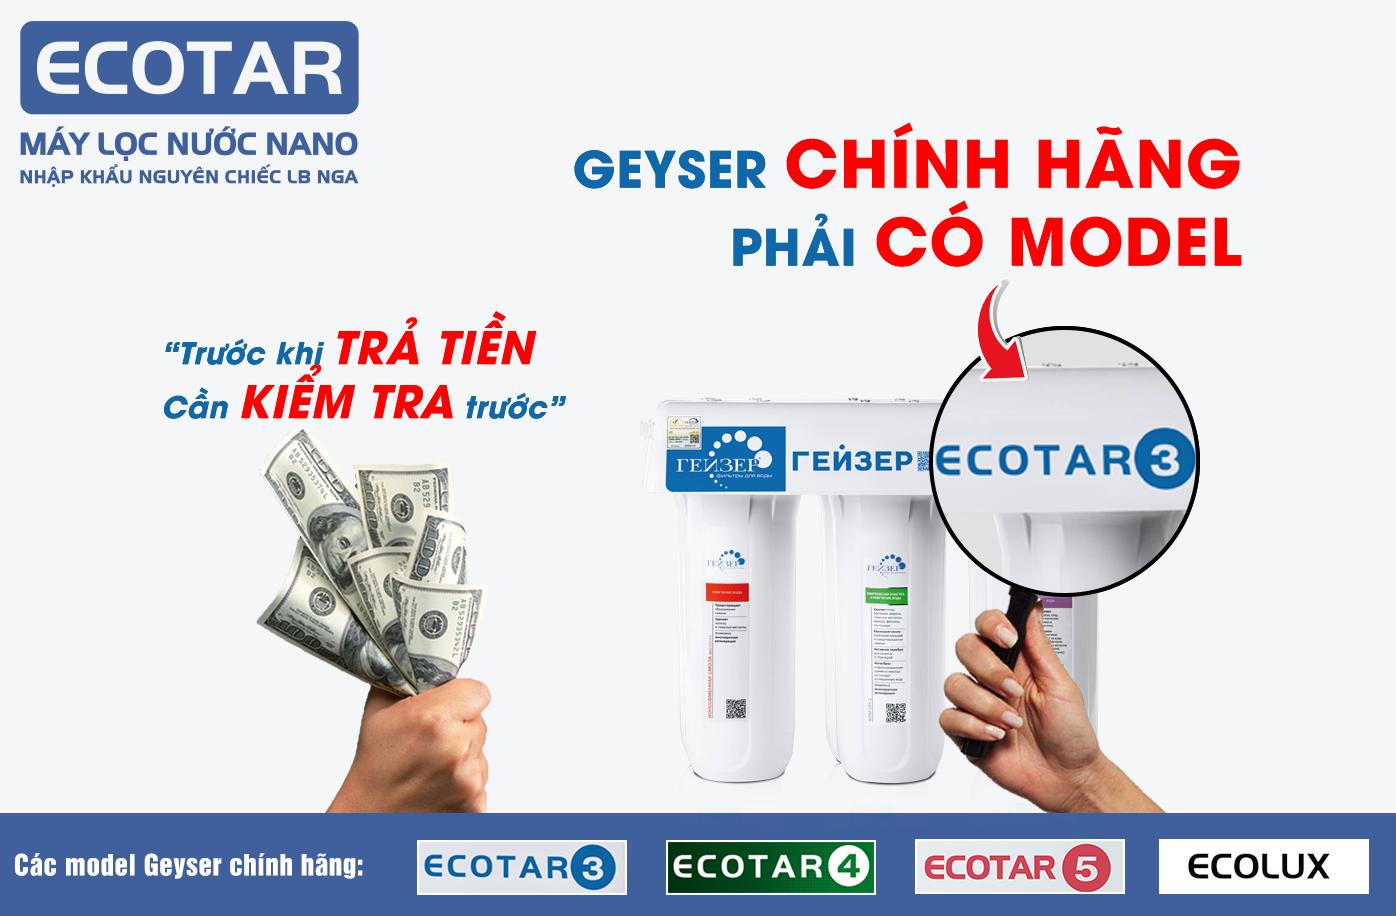 Nhận diện máy lọc nước nano Geyser Ecotar 3